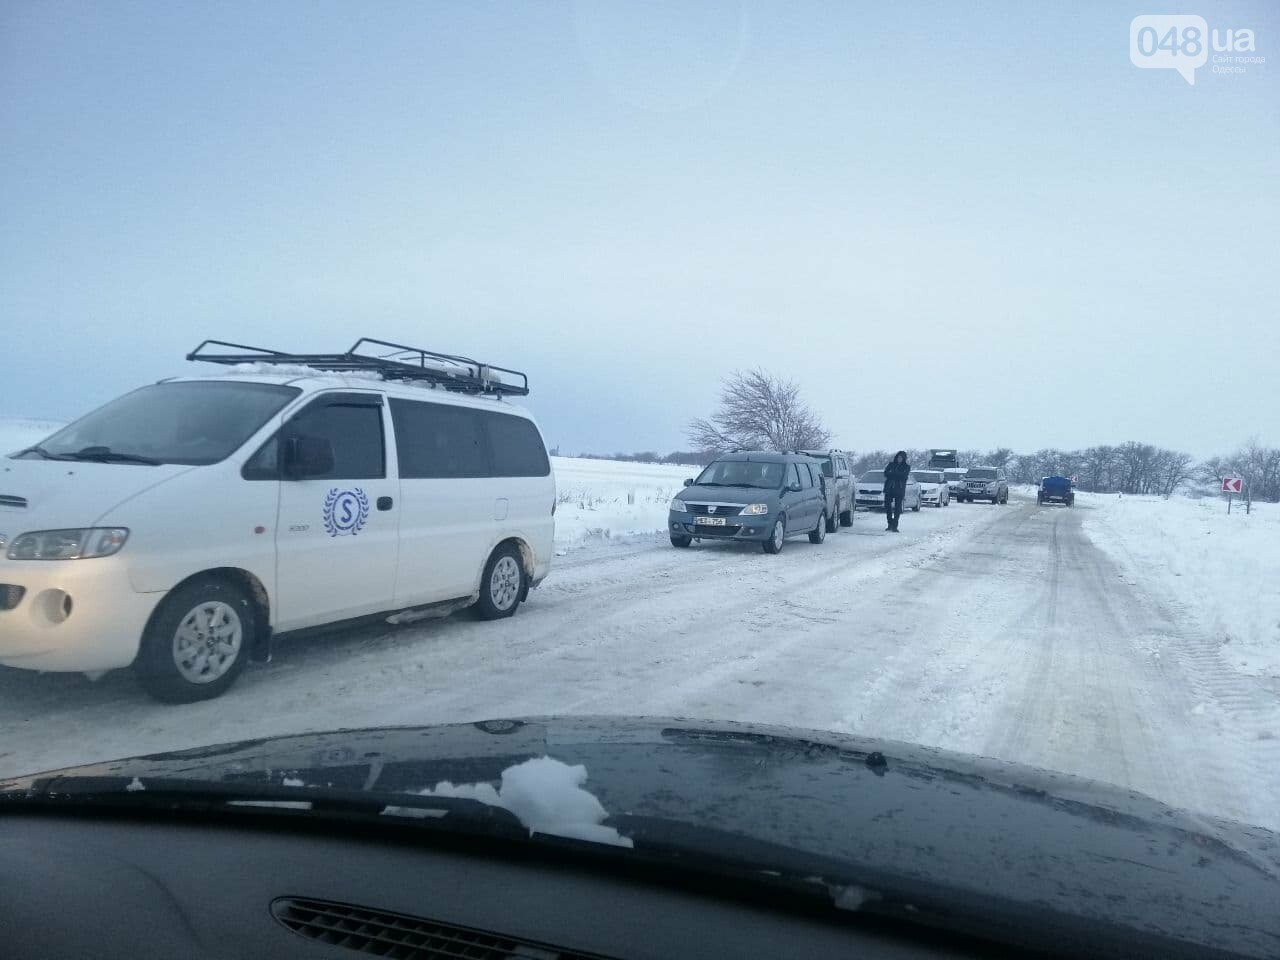 Трасса Одесса-Рени: брошенные автомобили, трактора и сугробы,- ВИДЕО, ФОТО, фото-12